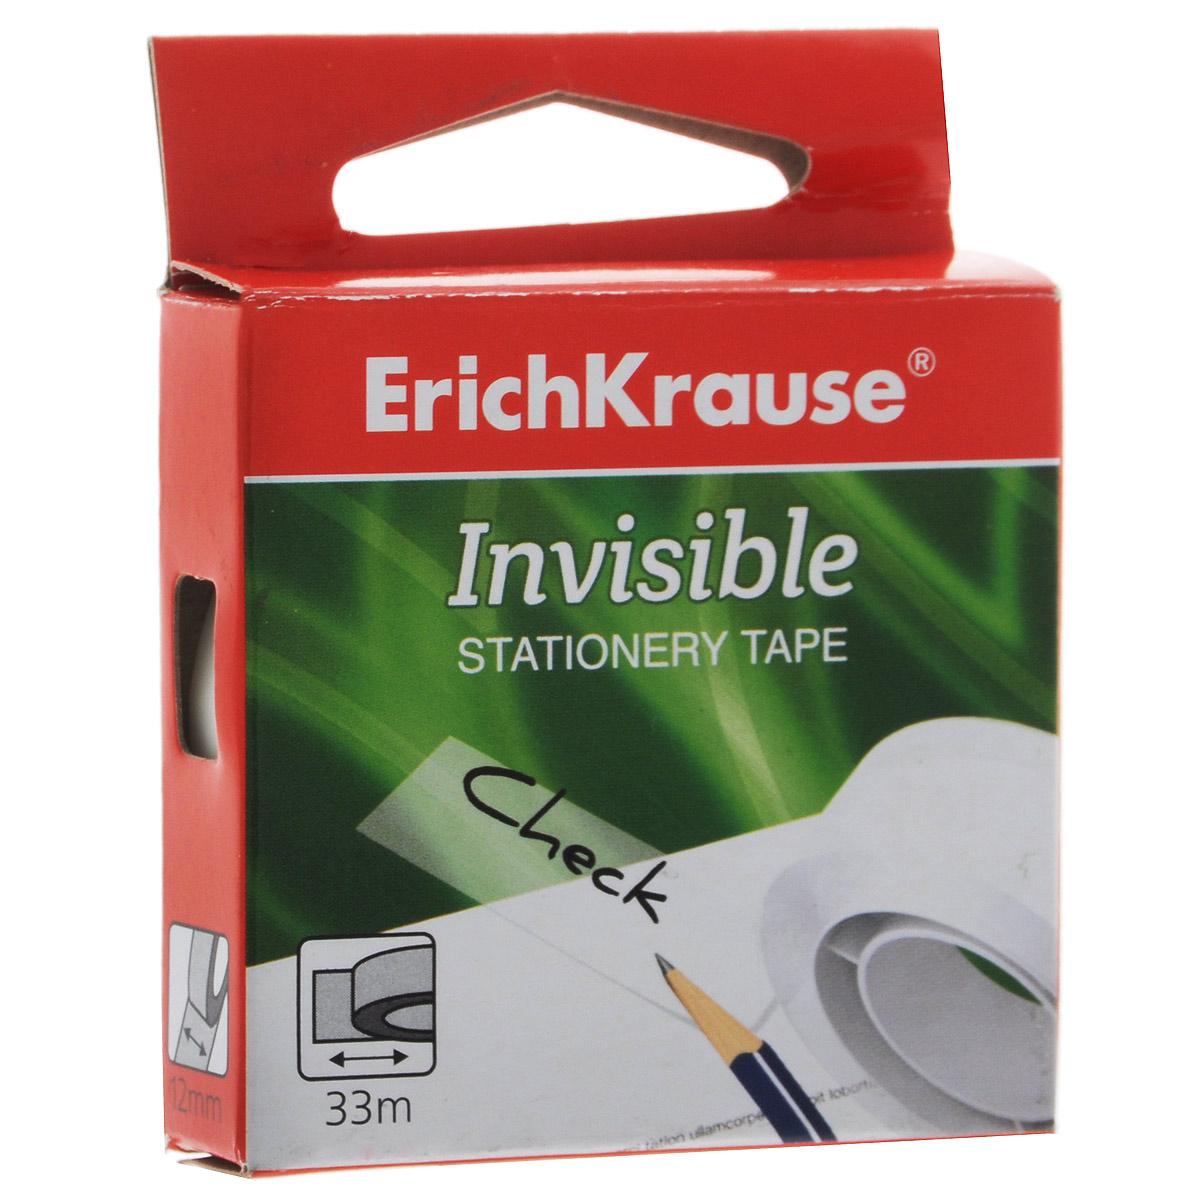 Клейкая лента Erich Crause Invisible - универсальный помощник в доме и офисе. Лента предназначена для склеивания документов, упаковки, картона, имеет сильный клеящий состав. Матовая поверхность позволяет писать на ней.